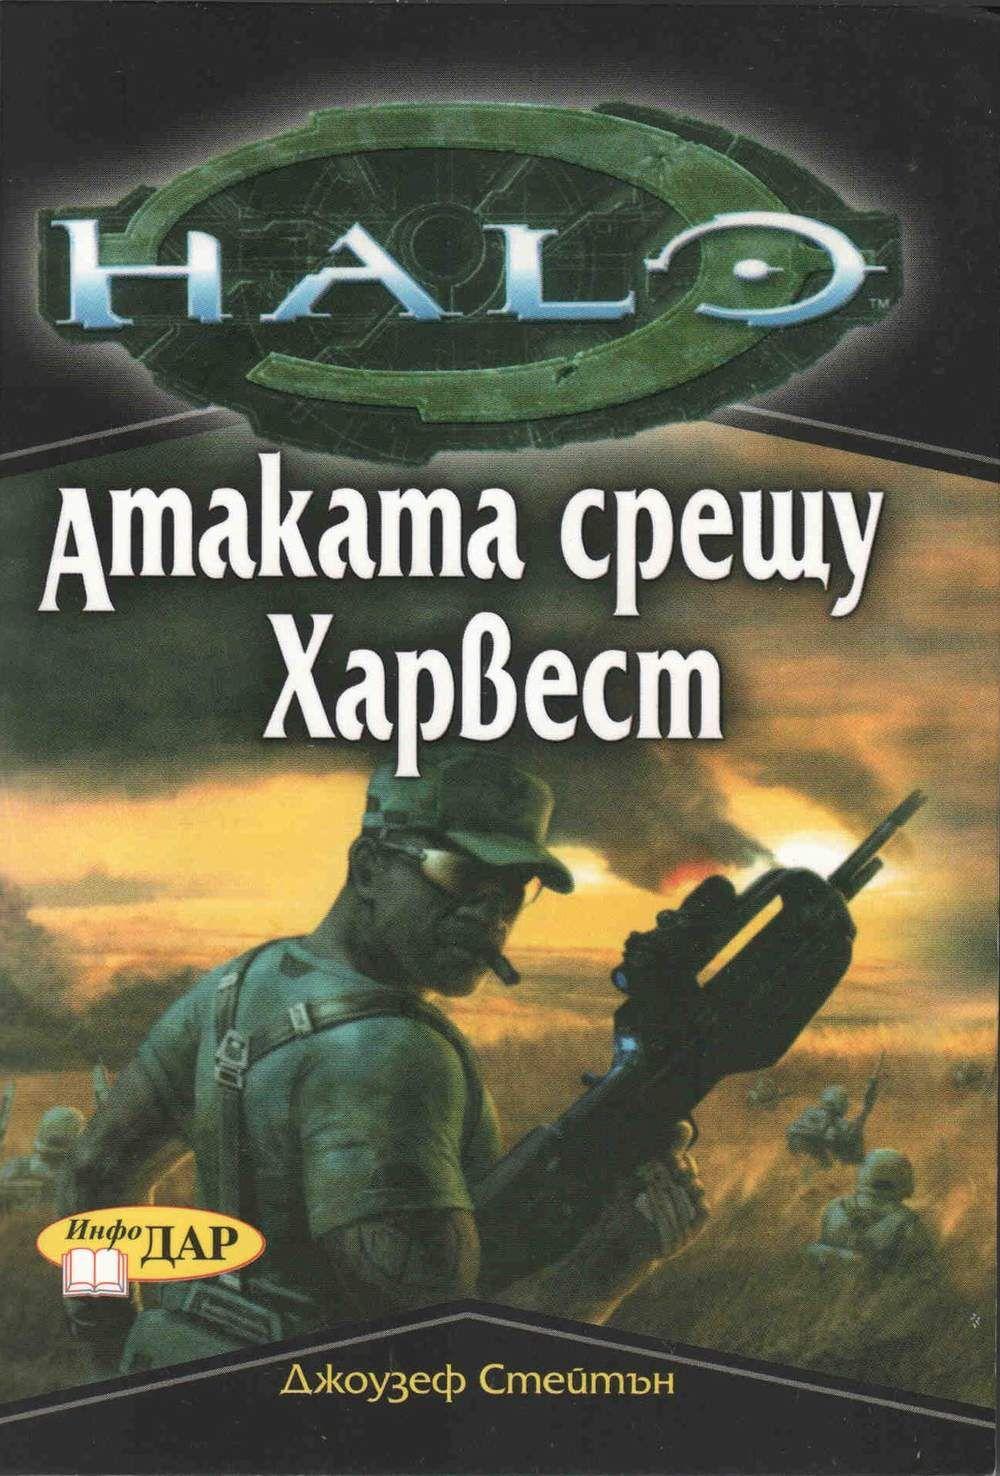 Атаката срещу Харвест - 1